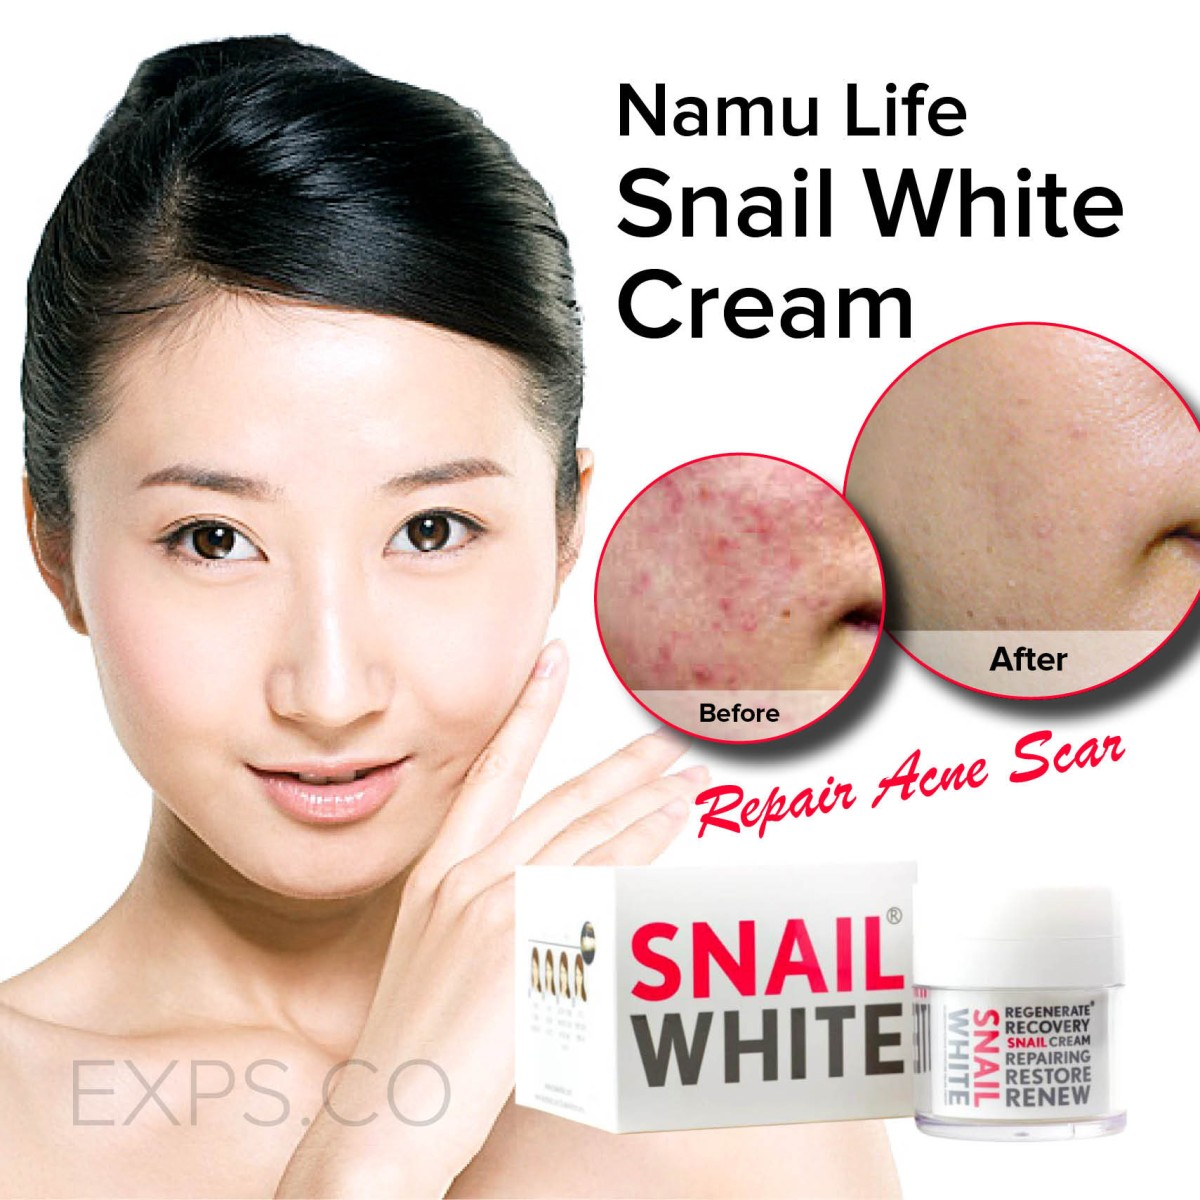 snail white body lotion review